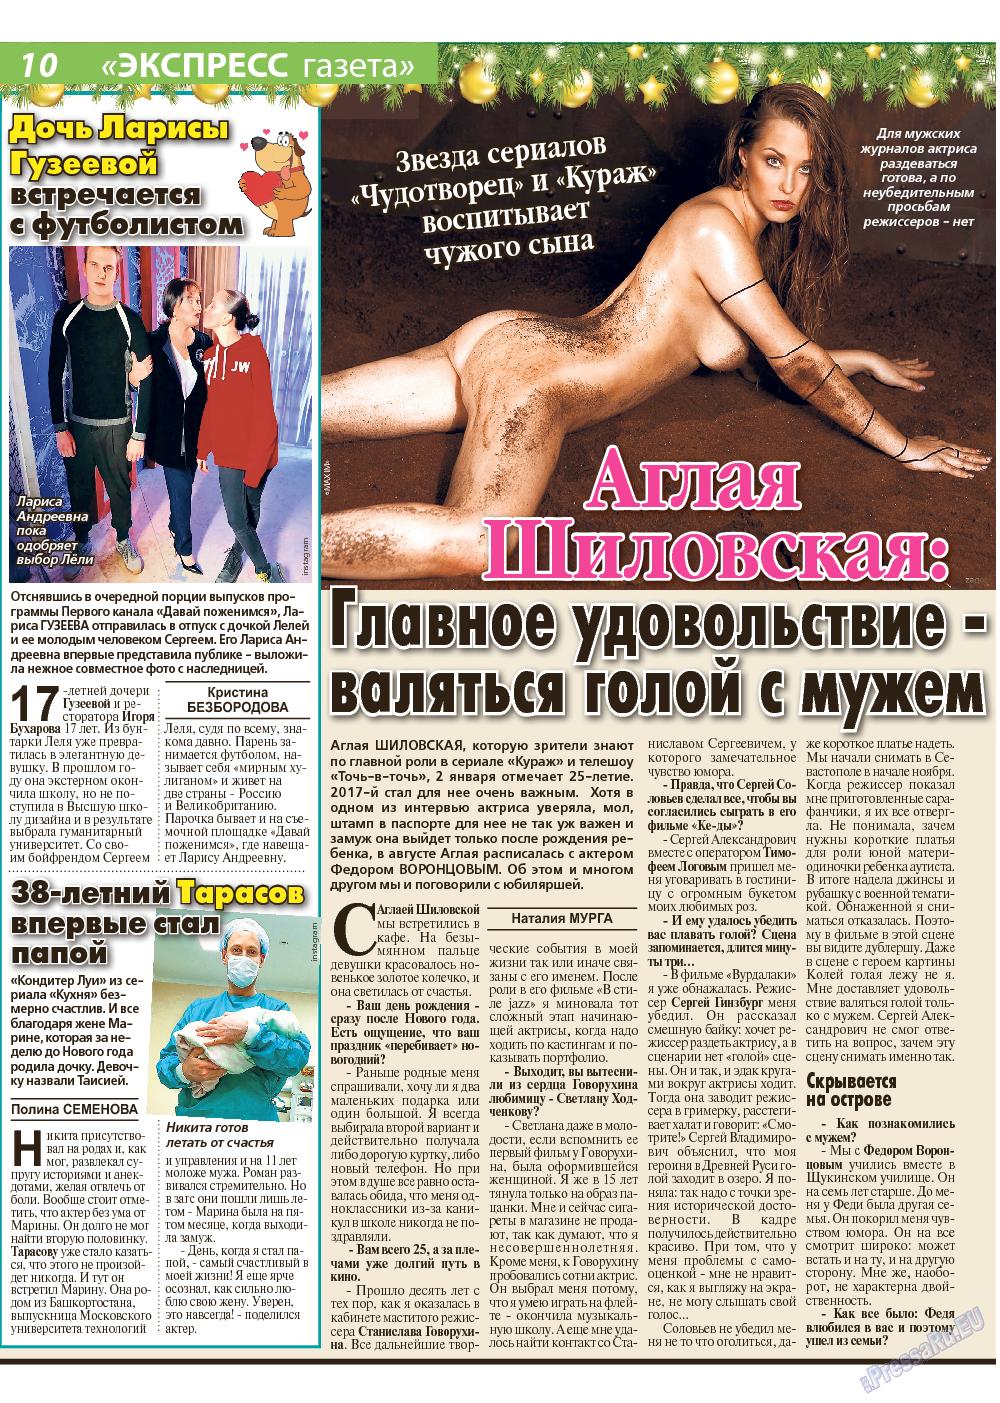 Проститутки С Газеты